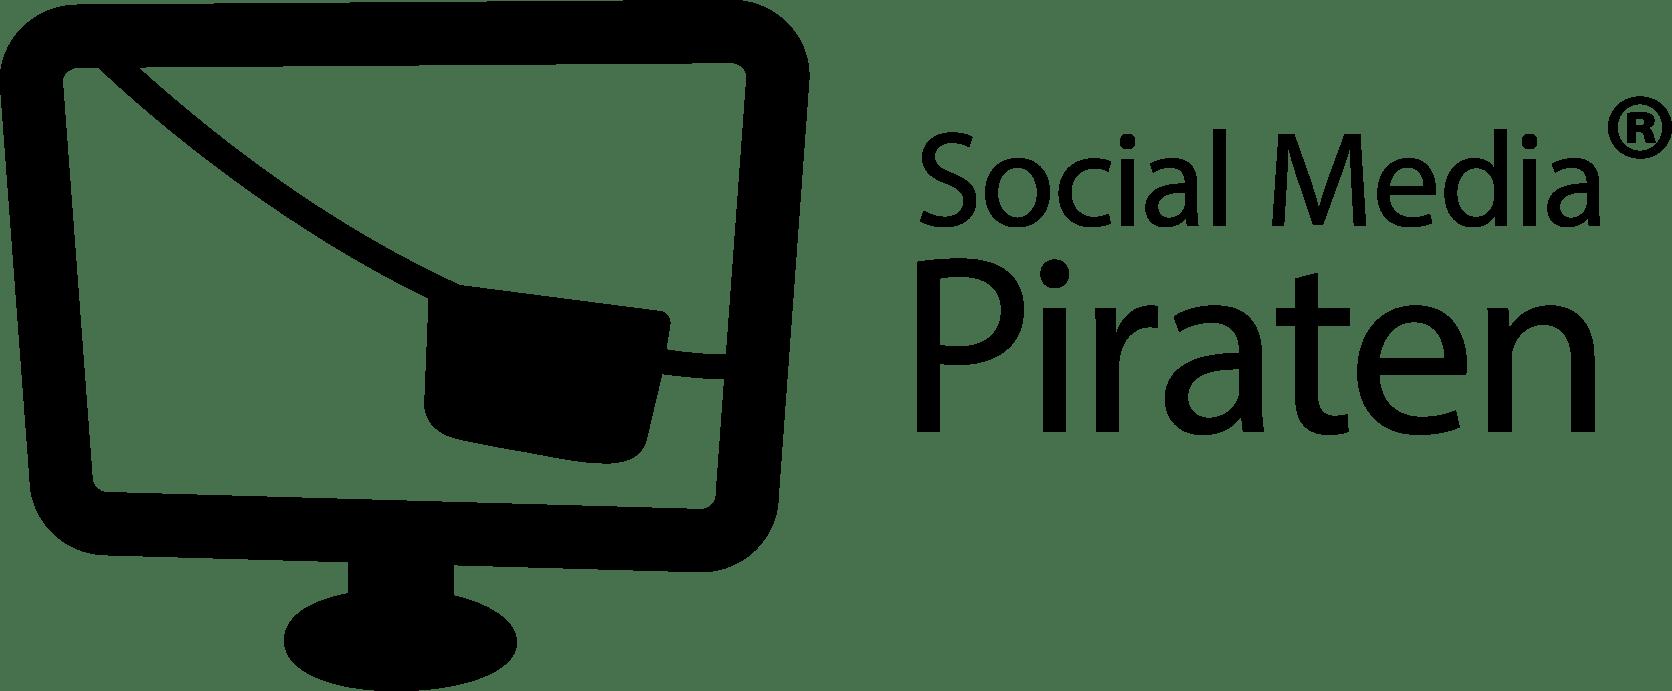 Social Media Piraten